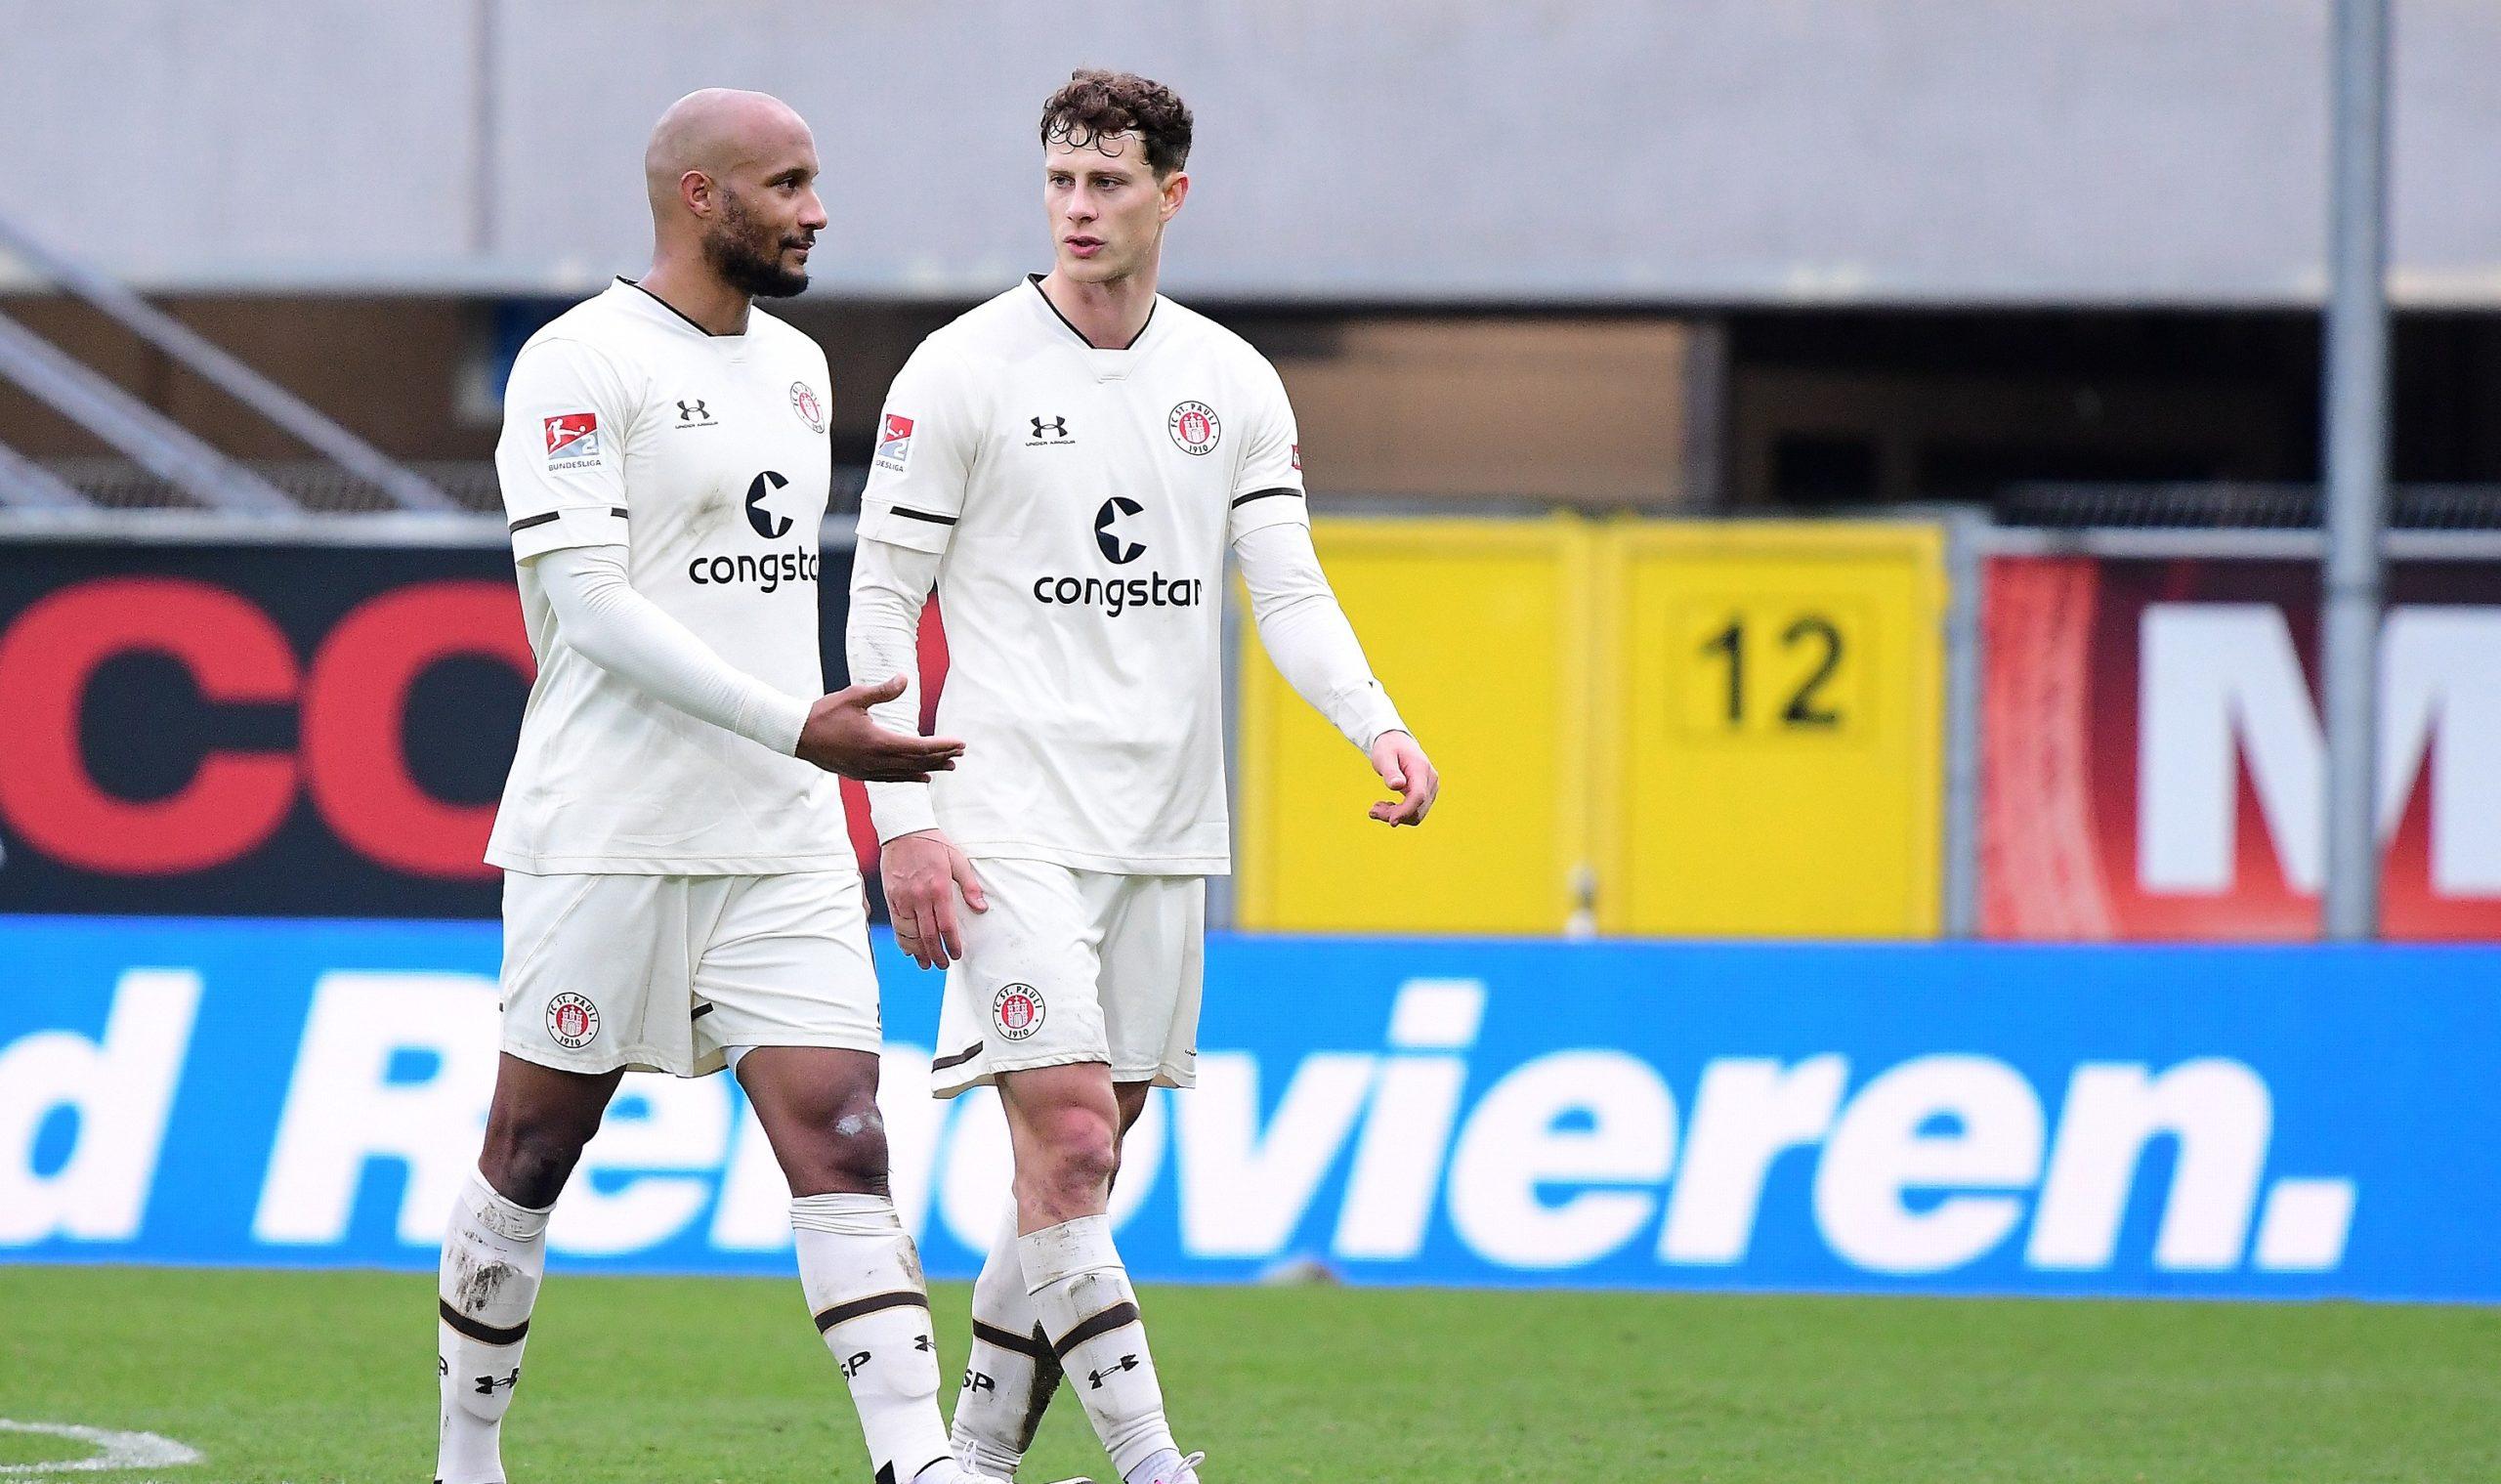 Fehlen dem FC St. Pauli Führungsspieler?